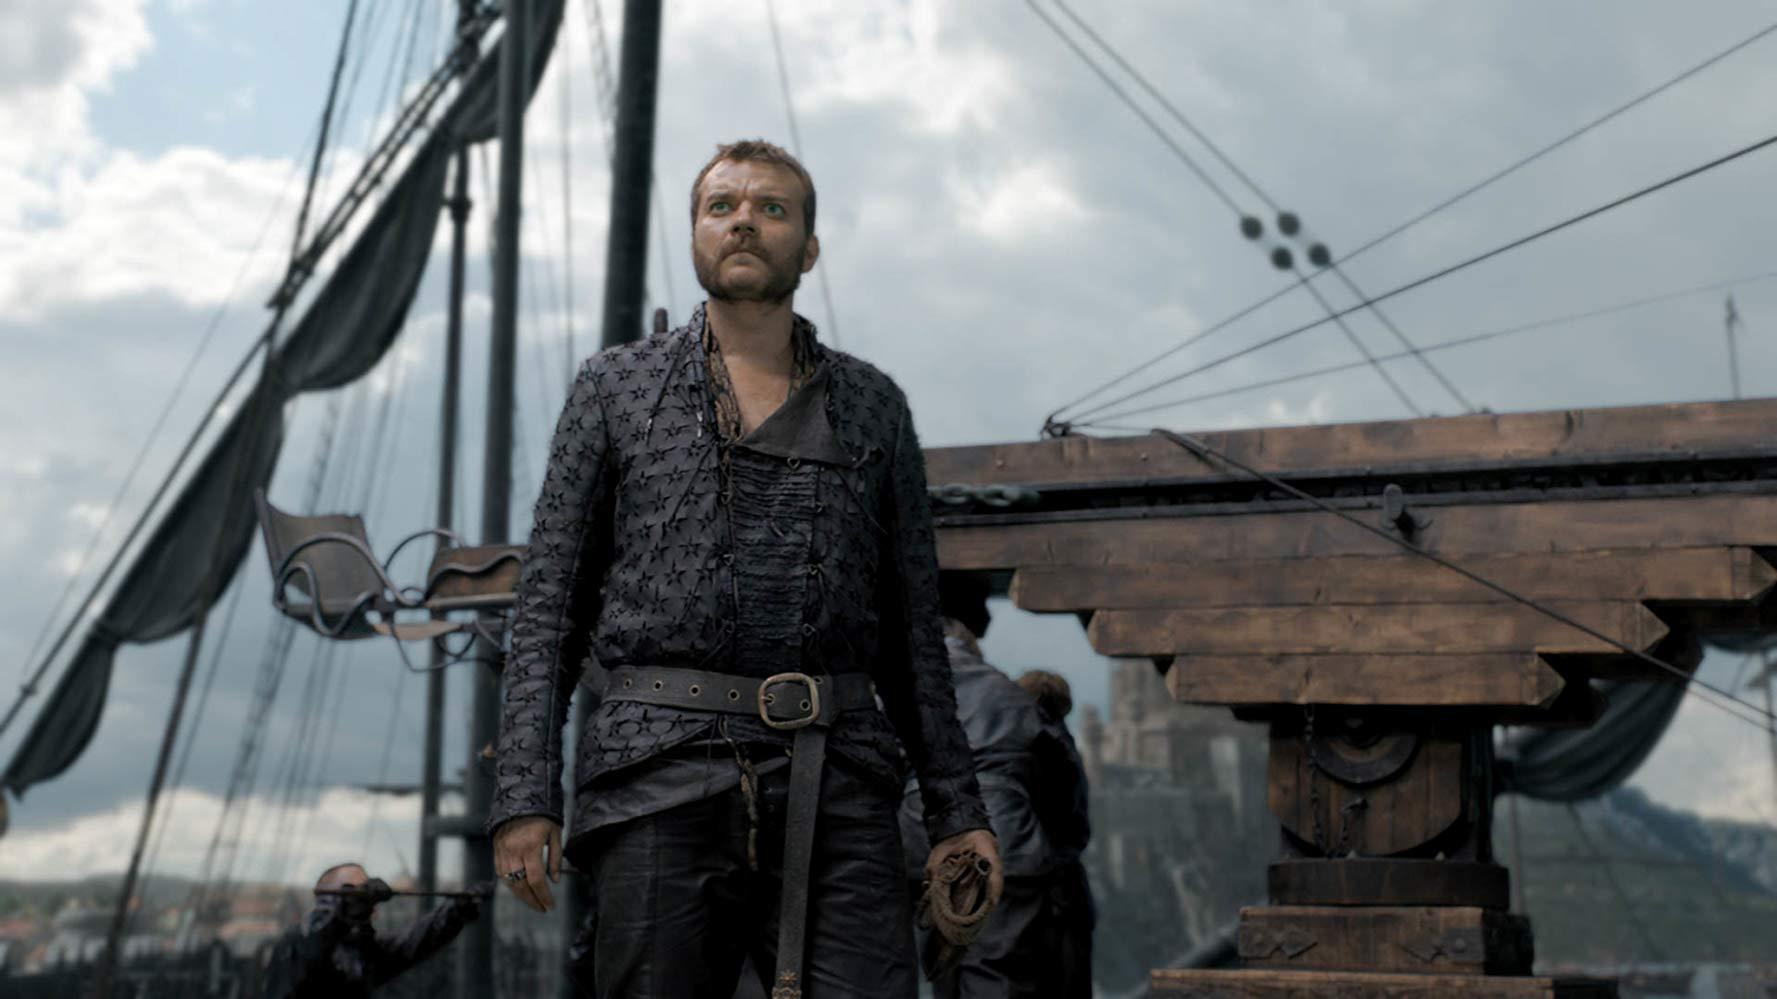 Il trono di spade: Pilou Asbæk in una scena del penultimo episodio della serie